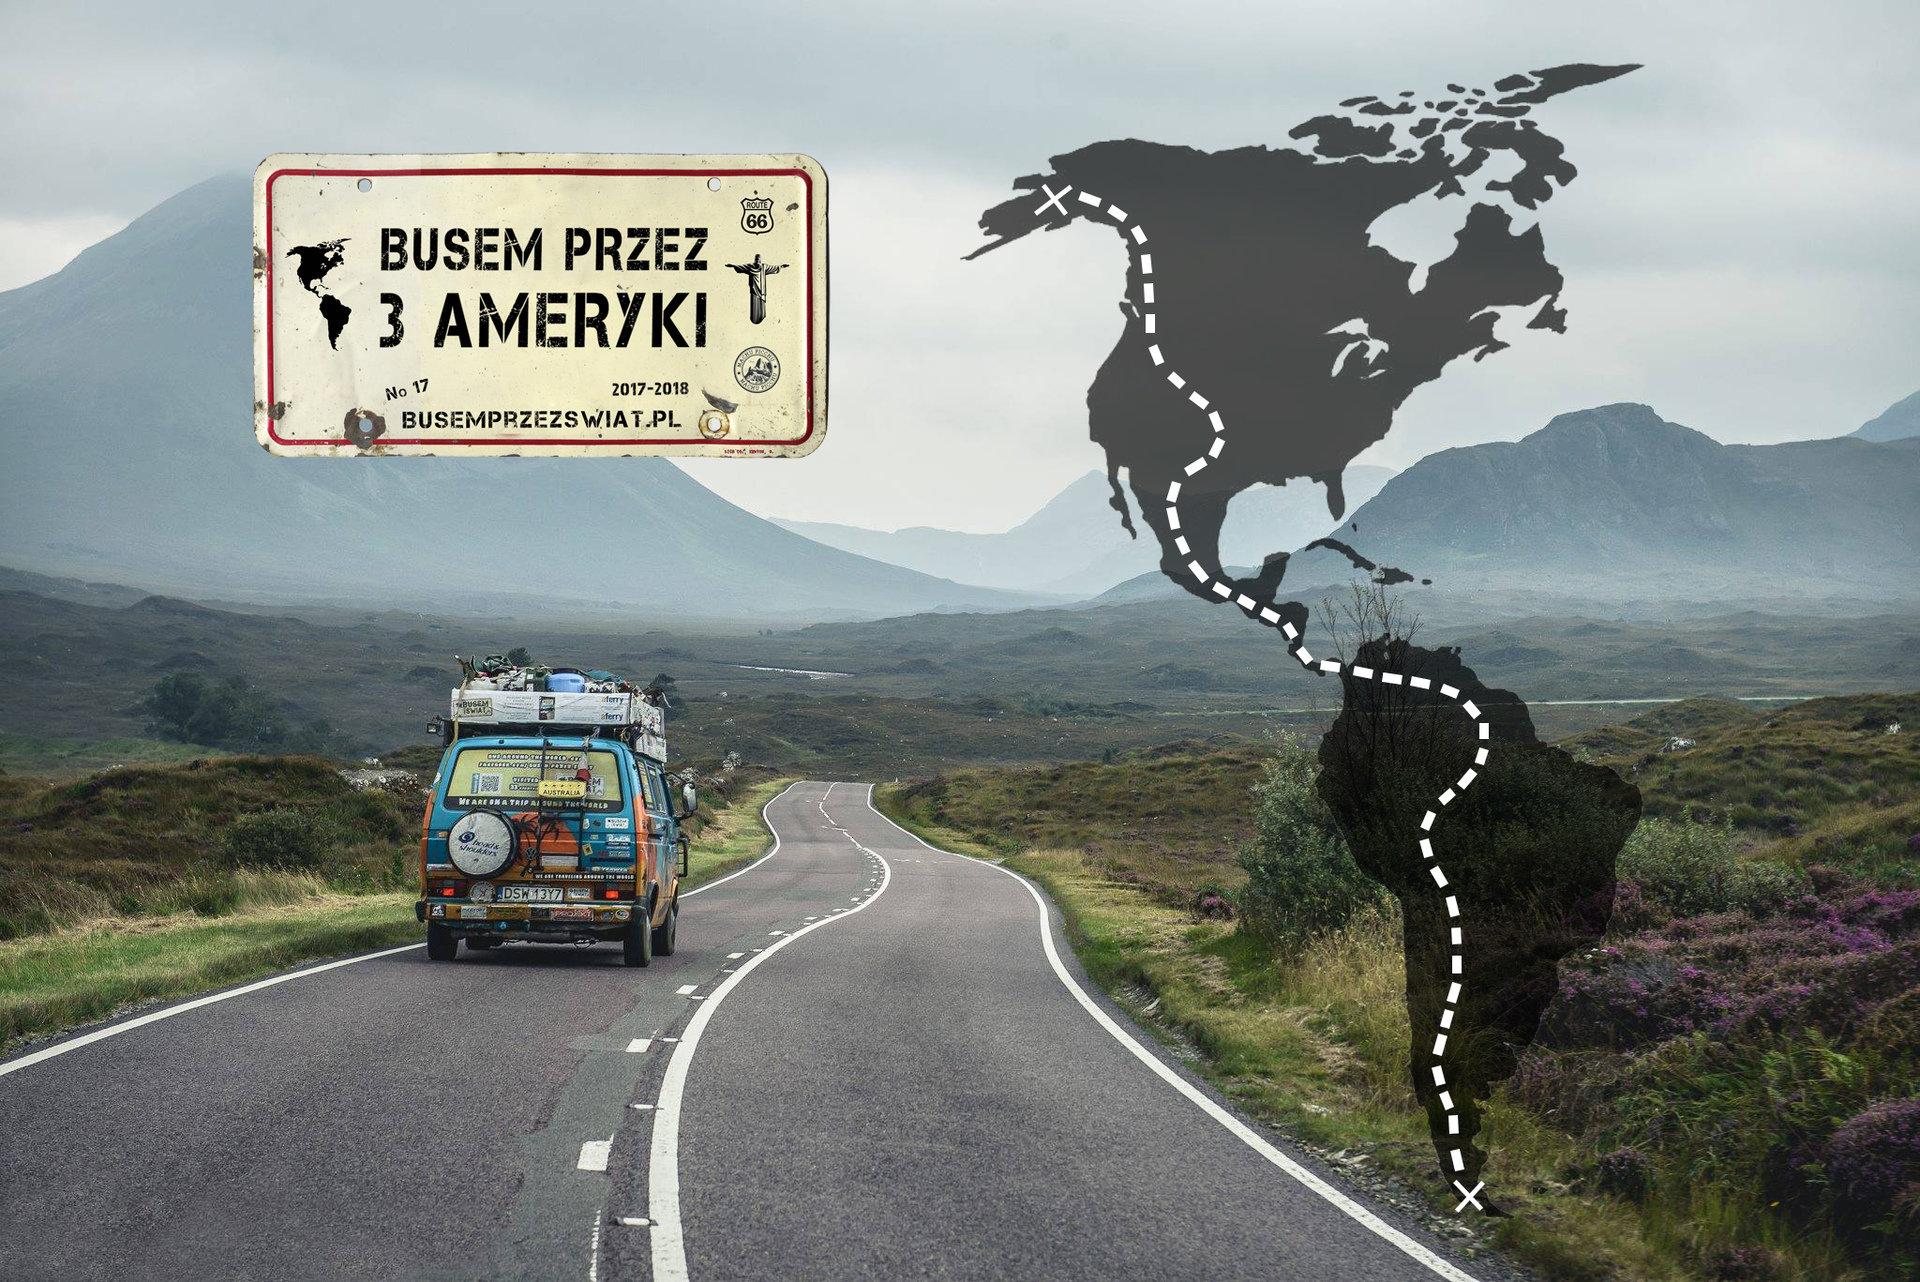 Busem Przez Świat ruszają w podróż przez 3 Ameryki i szukają chętnych!